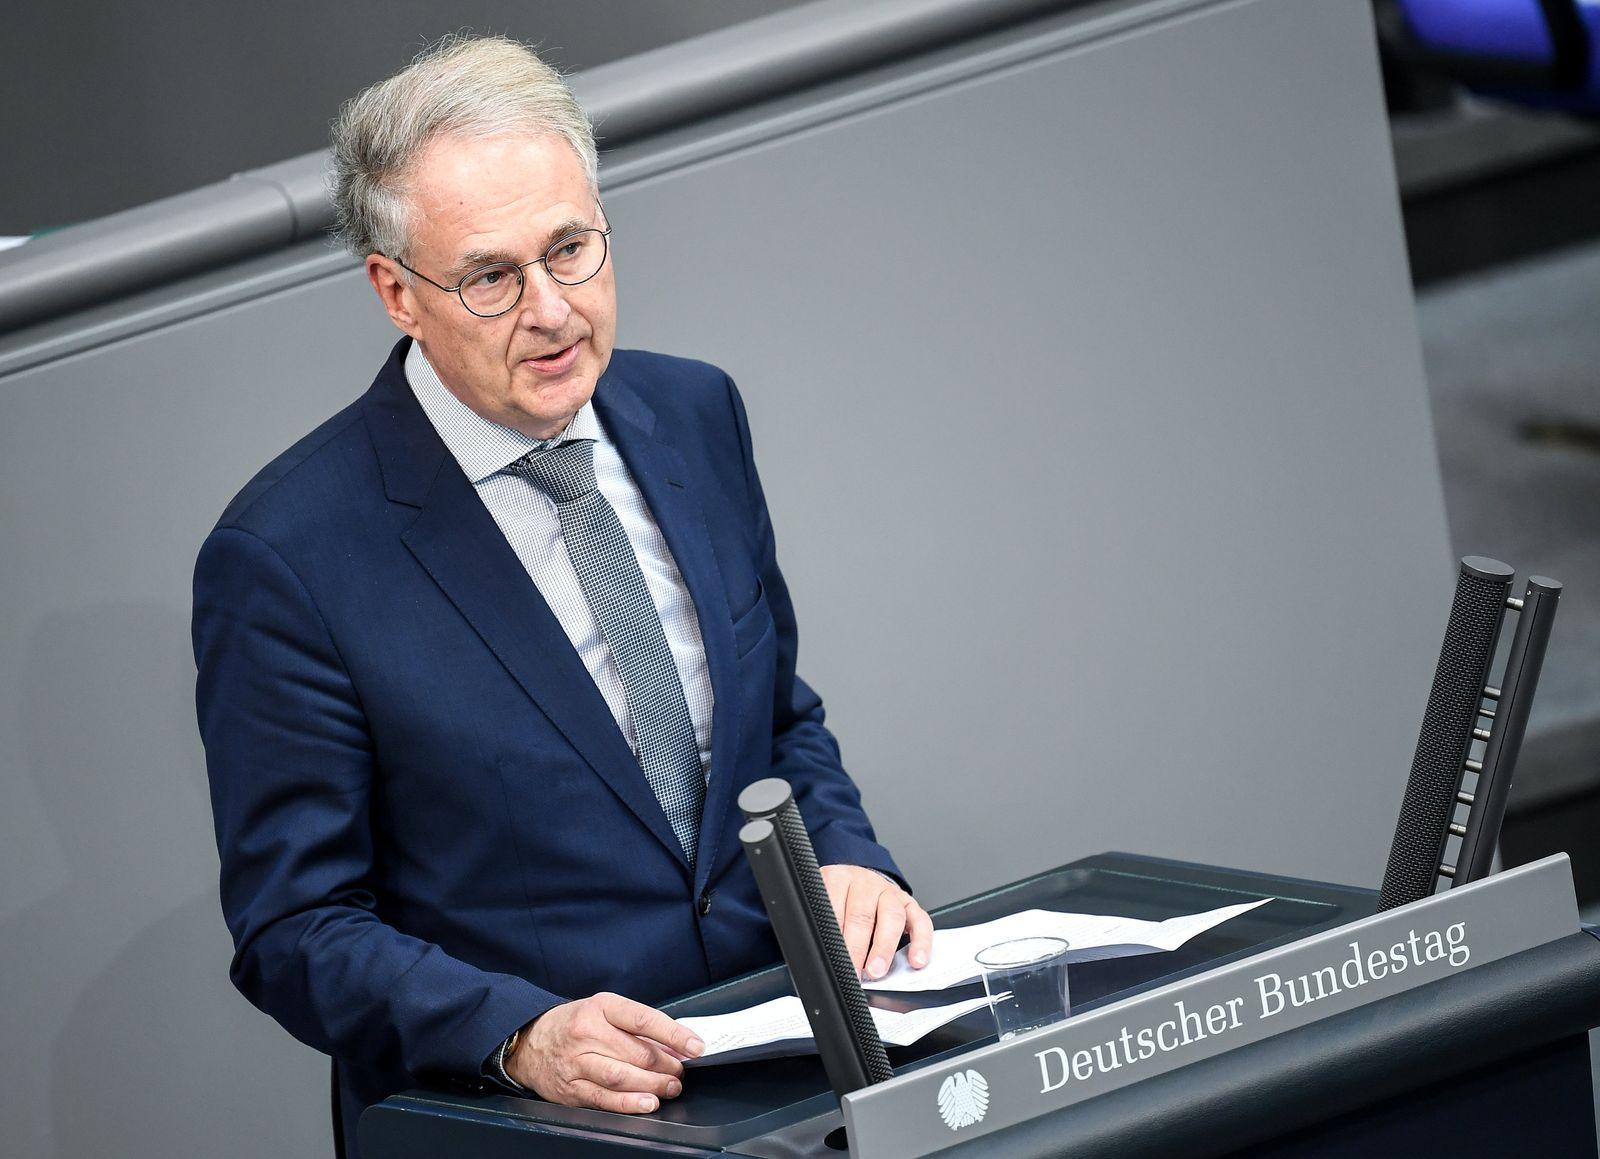 Bundestagsabgeordneten Roland Hartwig